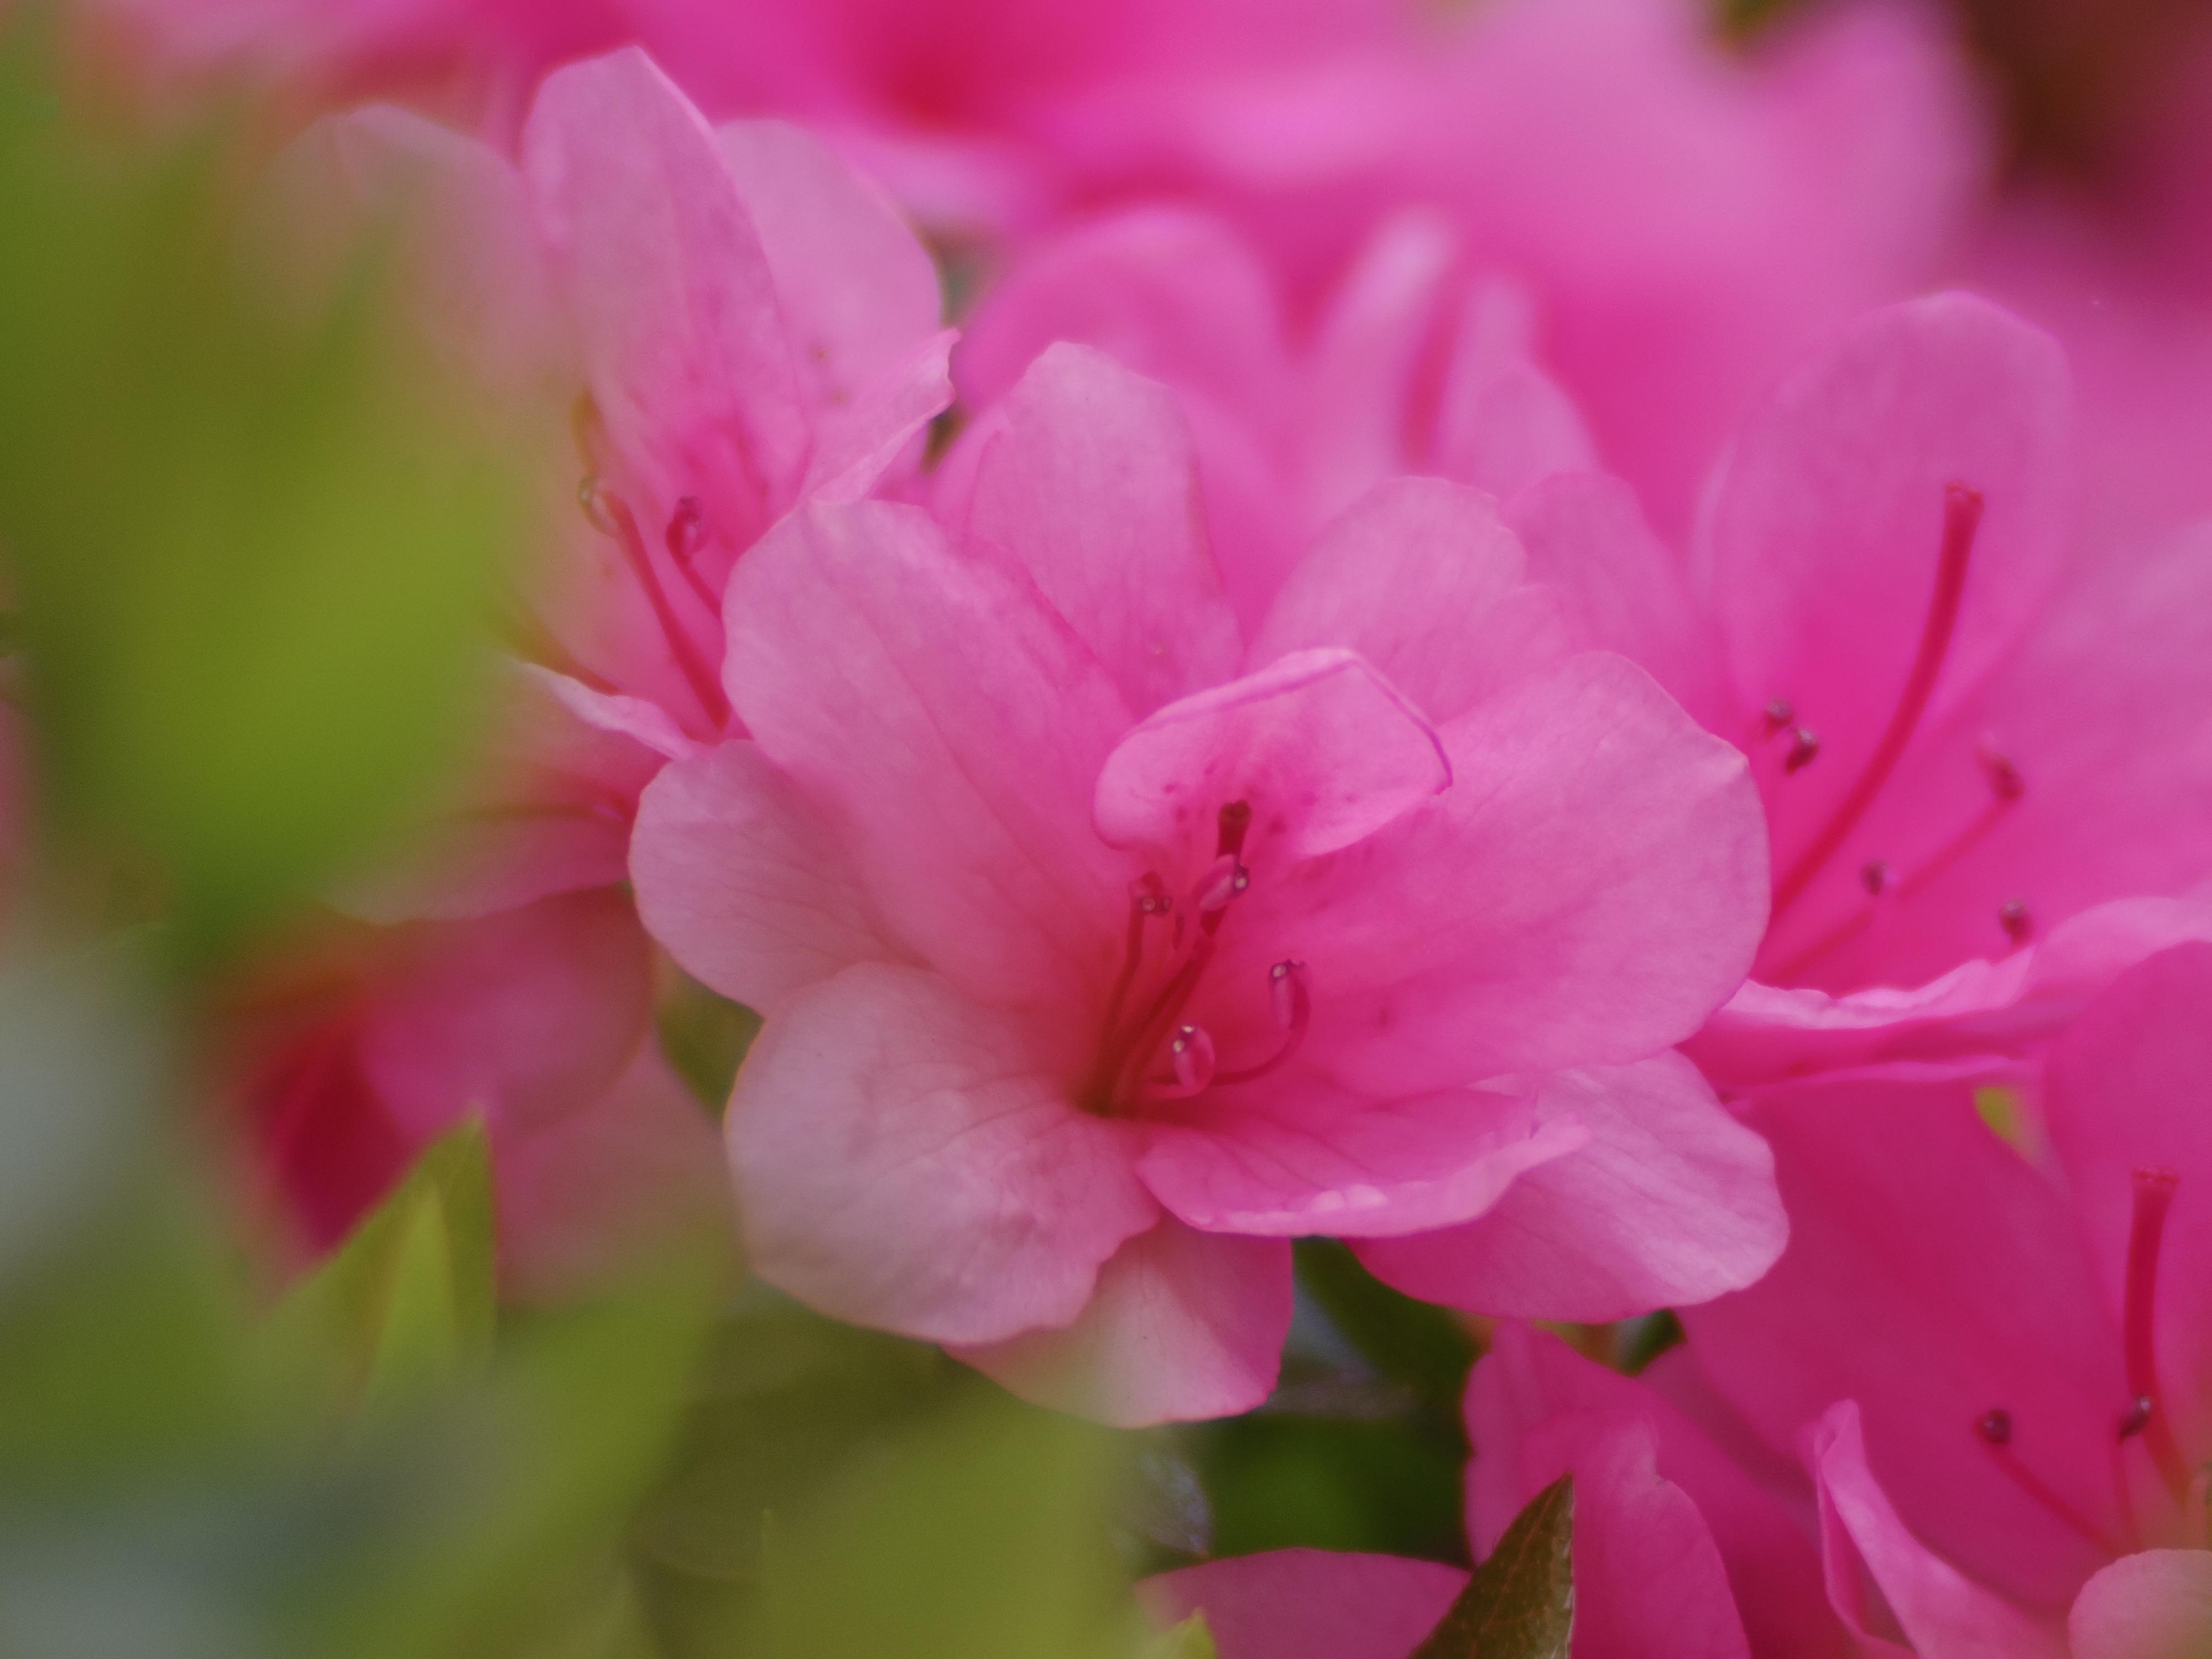 手前の花は枯れかかっていたので、比較的元気な群生の中央付近の花を狙いました。PENTAX Q10 / DA 40mm F2.8 XS / 約2.7MB / 4,000×3,000 / 1/1,000秒 / 絞り目盛り:0 / 0EV / ISO100 / 絞り優先AE / WB:オート / 40mm